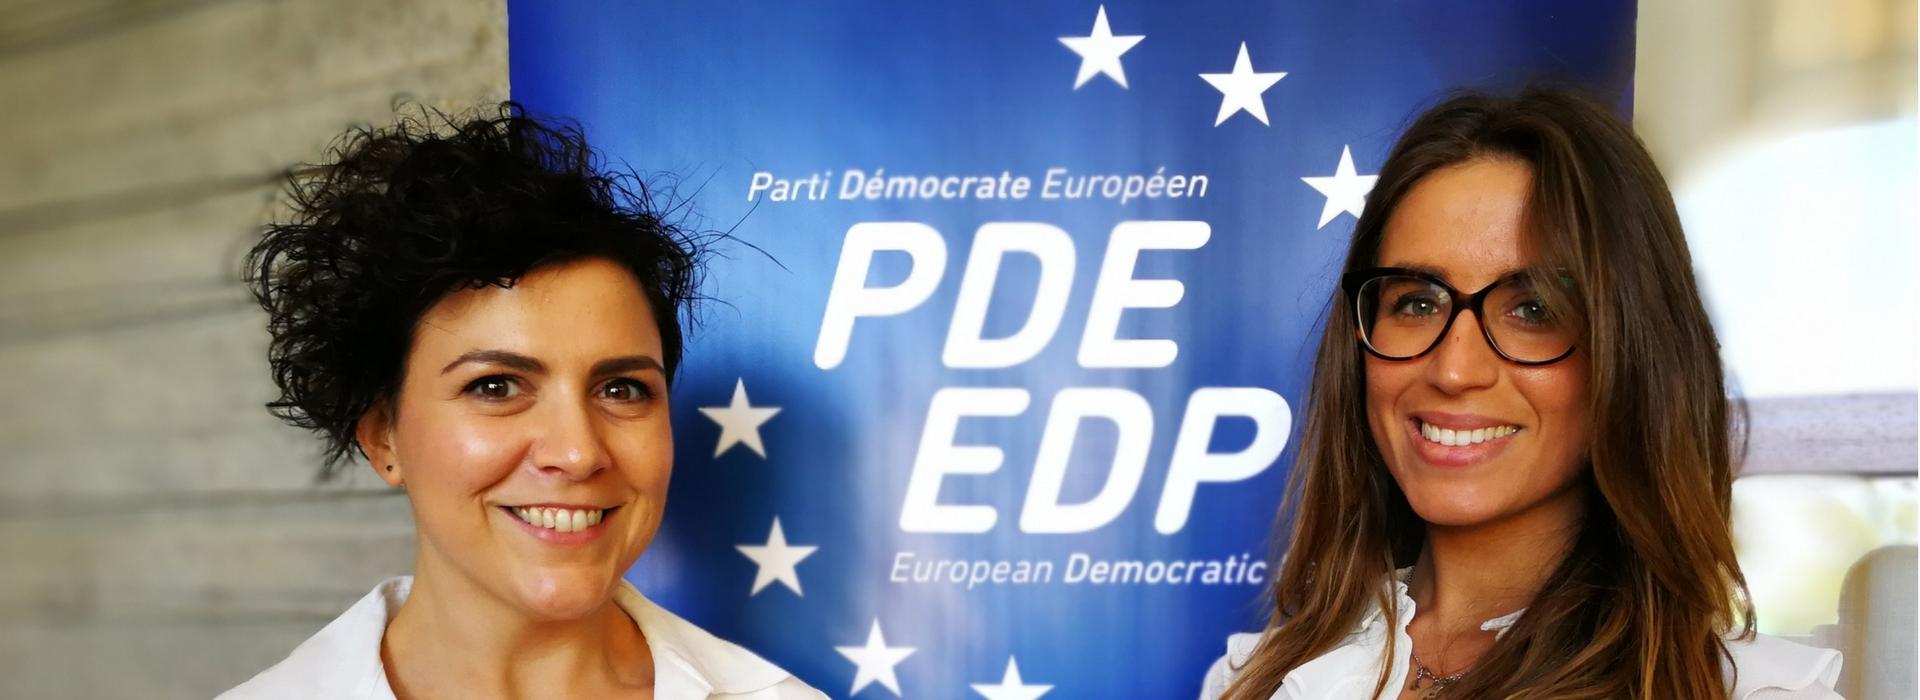 Repubblica Futura al Consiglio PDE, temi: migrazioni e sviluppo